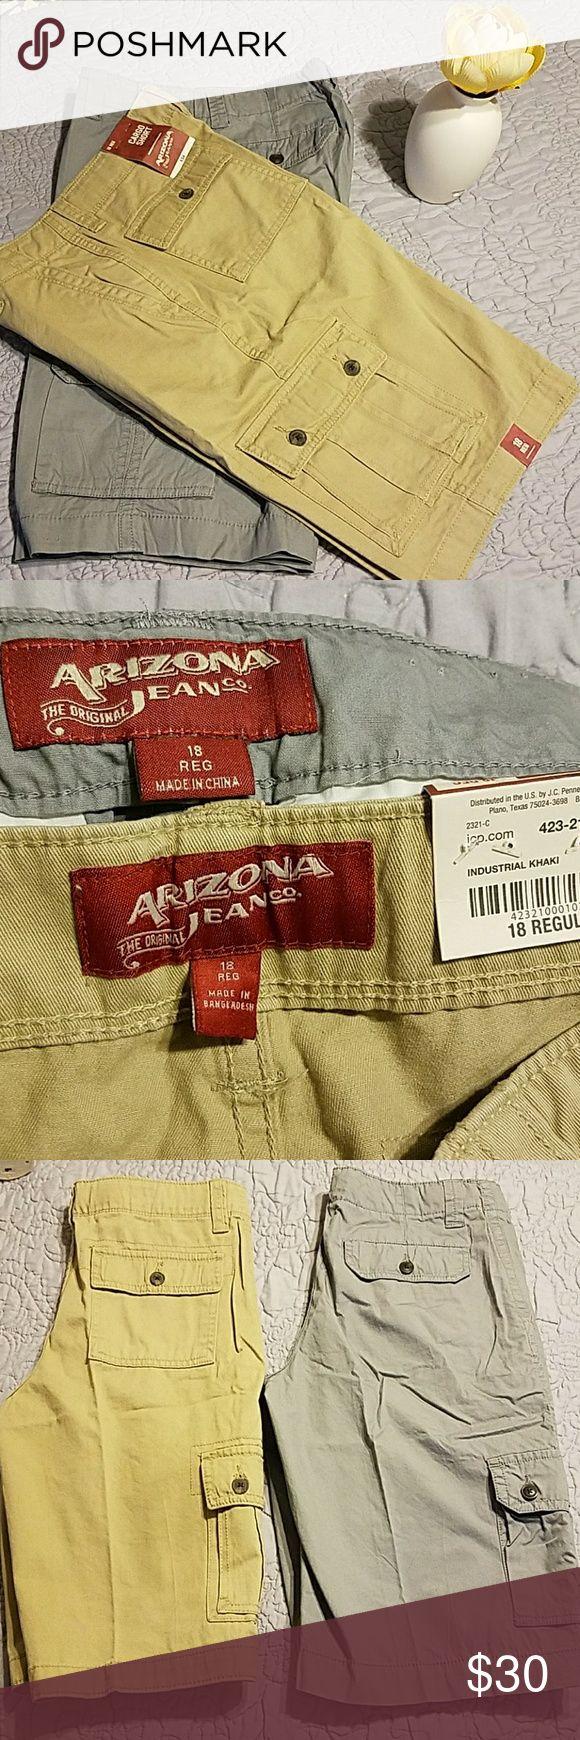 Arizona Jean & Company 2 Arizona boys cargo shorts size 18 regular one tan one Gray Arizona Jean Company Bottoms Casual